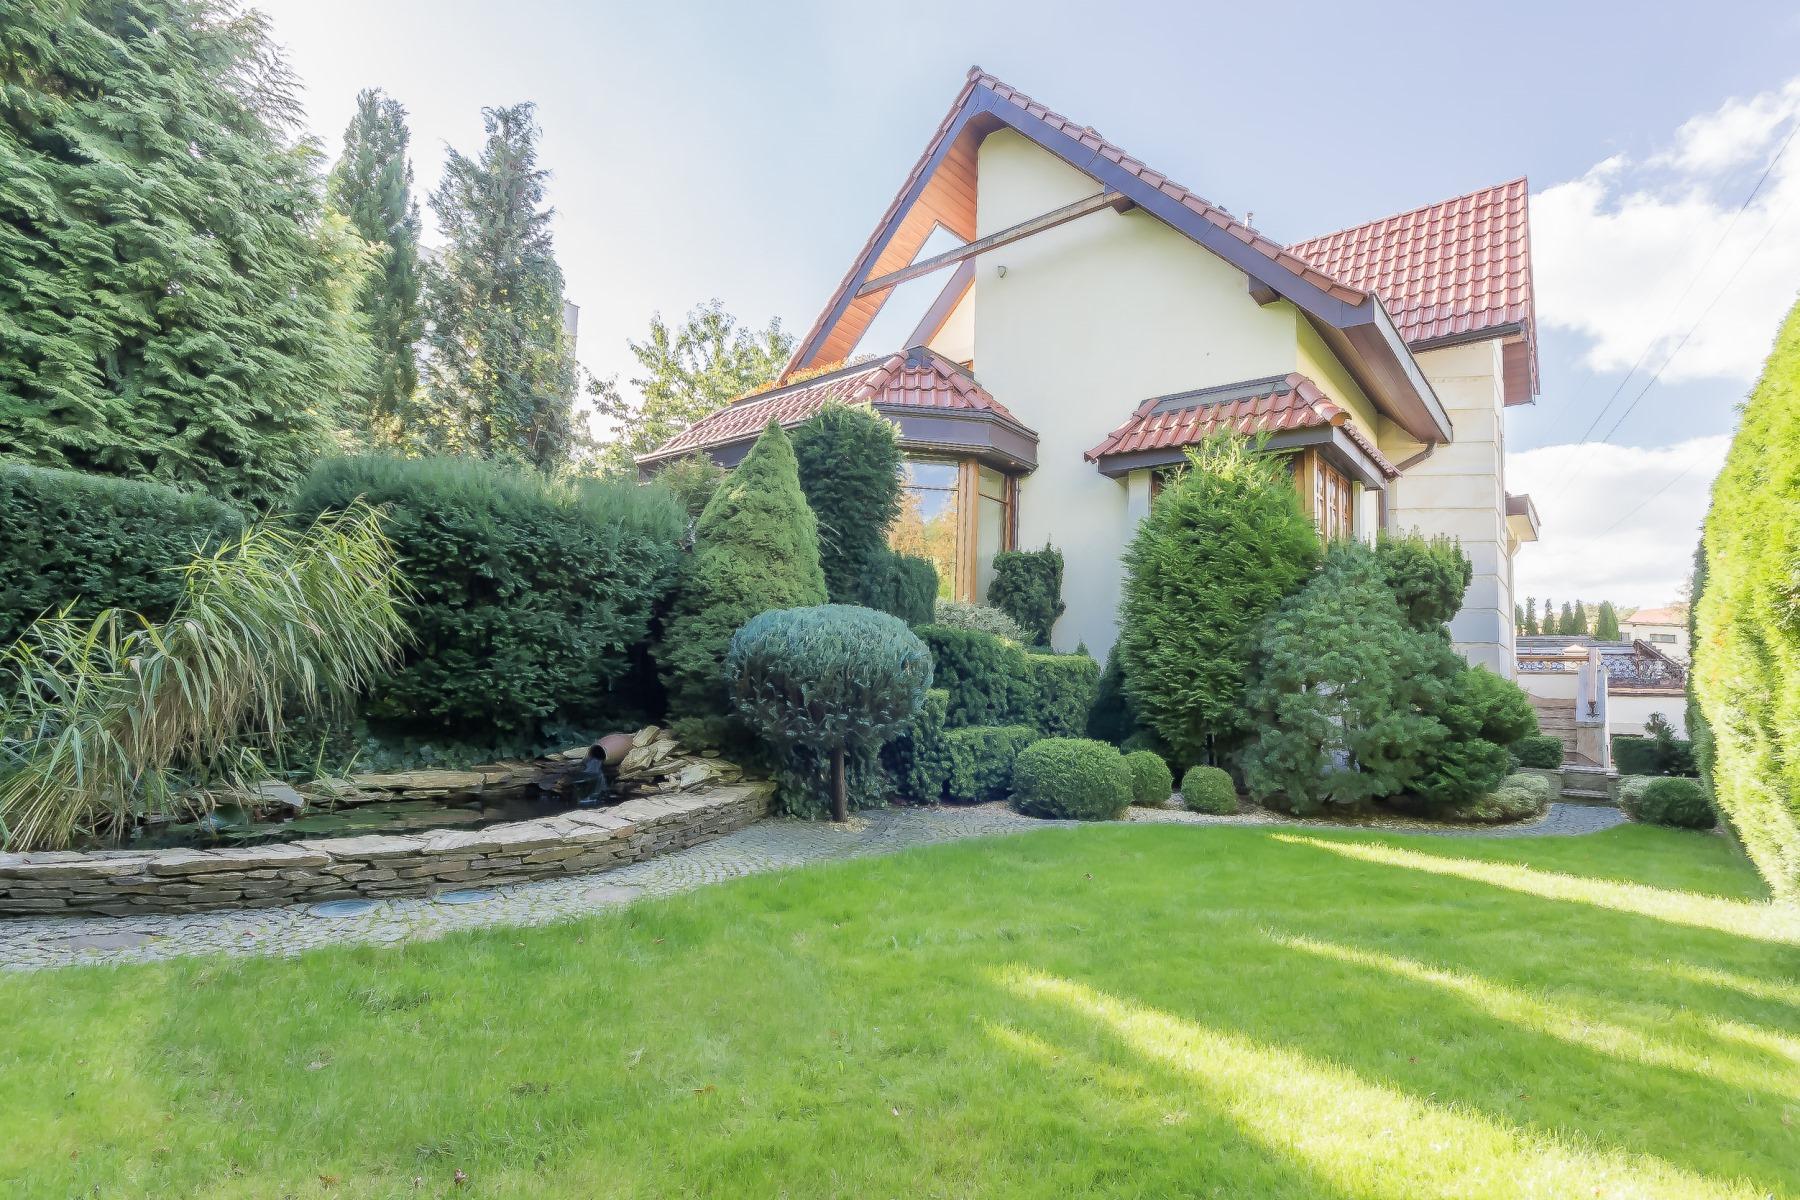 Частный односемейный дом для того Продажа на Sopot - Okrężna Gdansk, Pomeranian, Польша